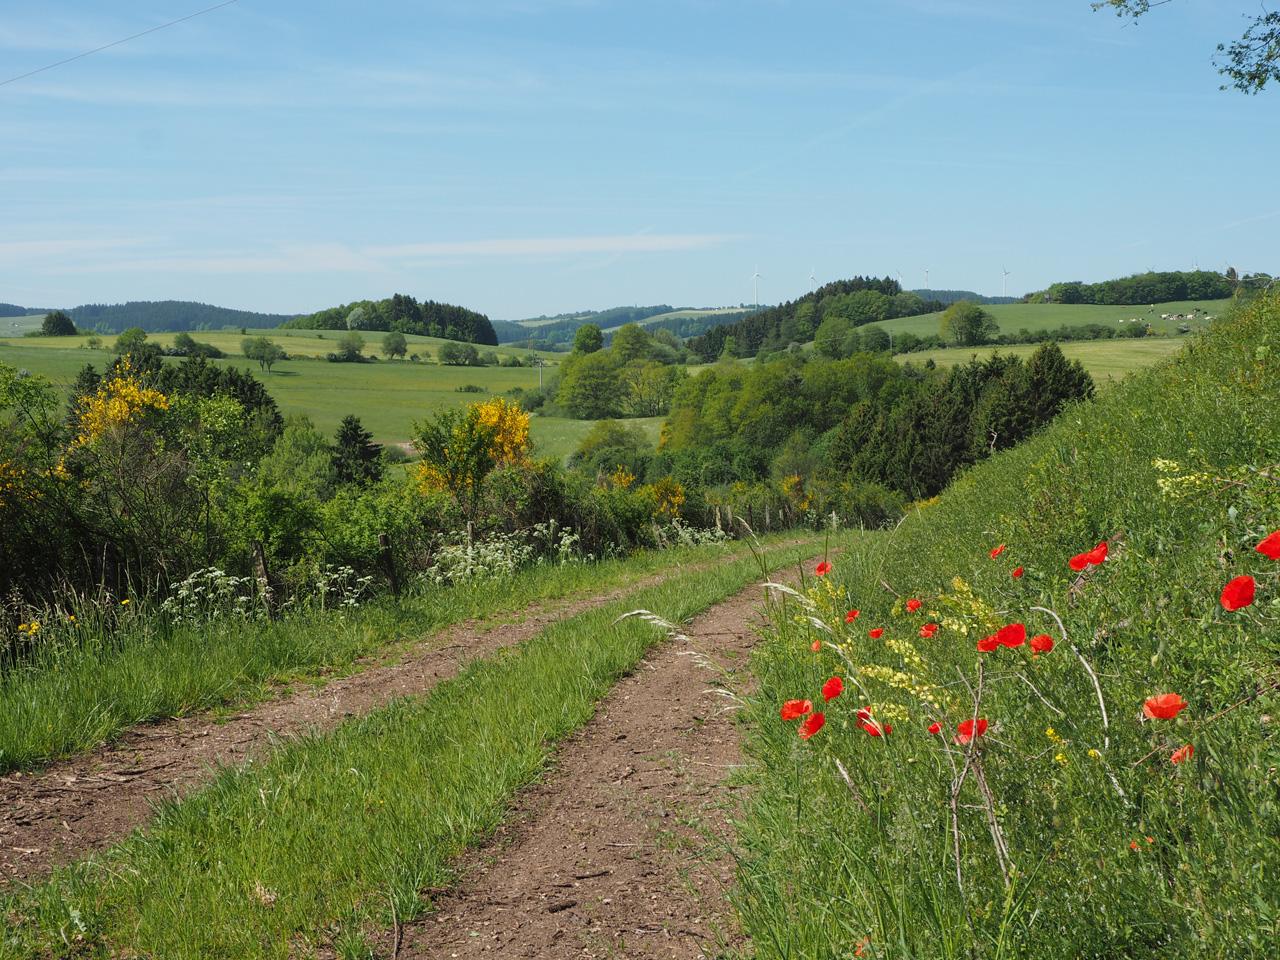 voorjaarskleuren in de Eifel